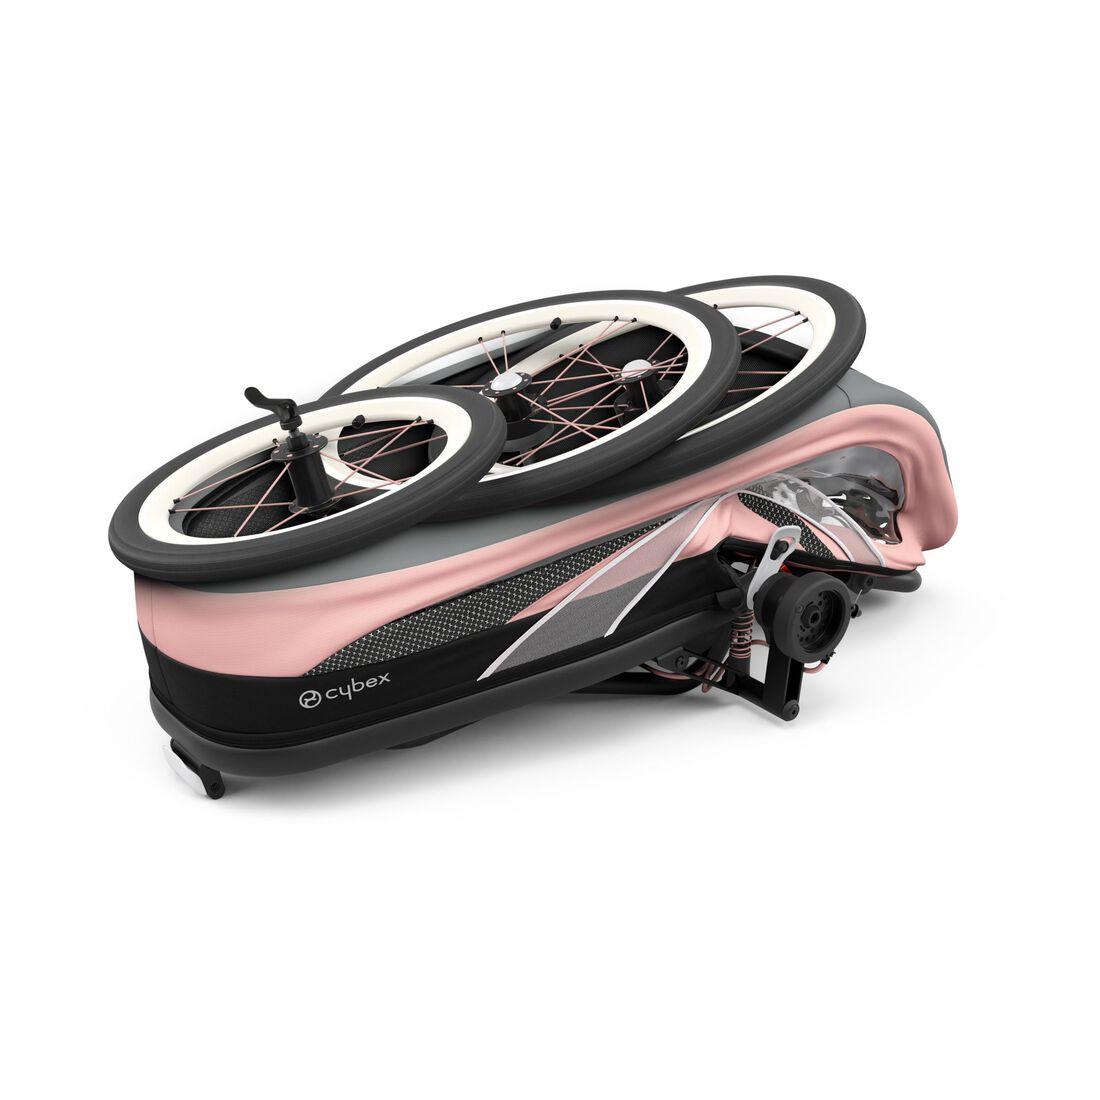 CYBEX Zeno Rahmen - Schwarz mit pinken Details in Black With Pink Details large Bild 6